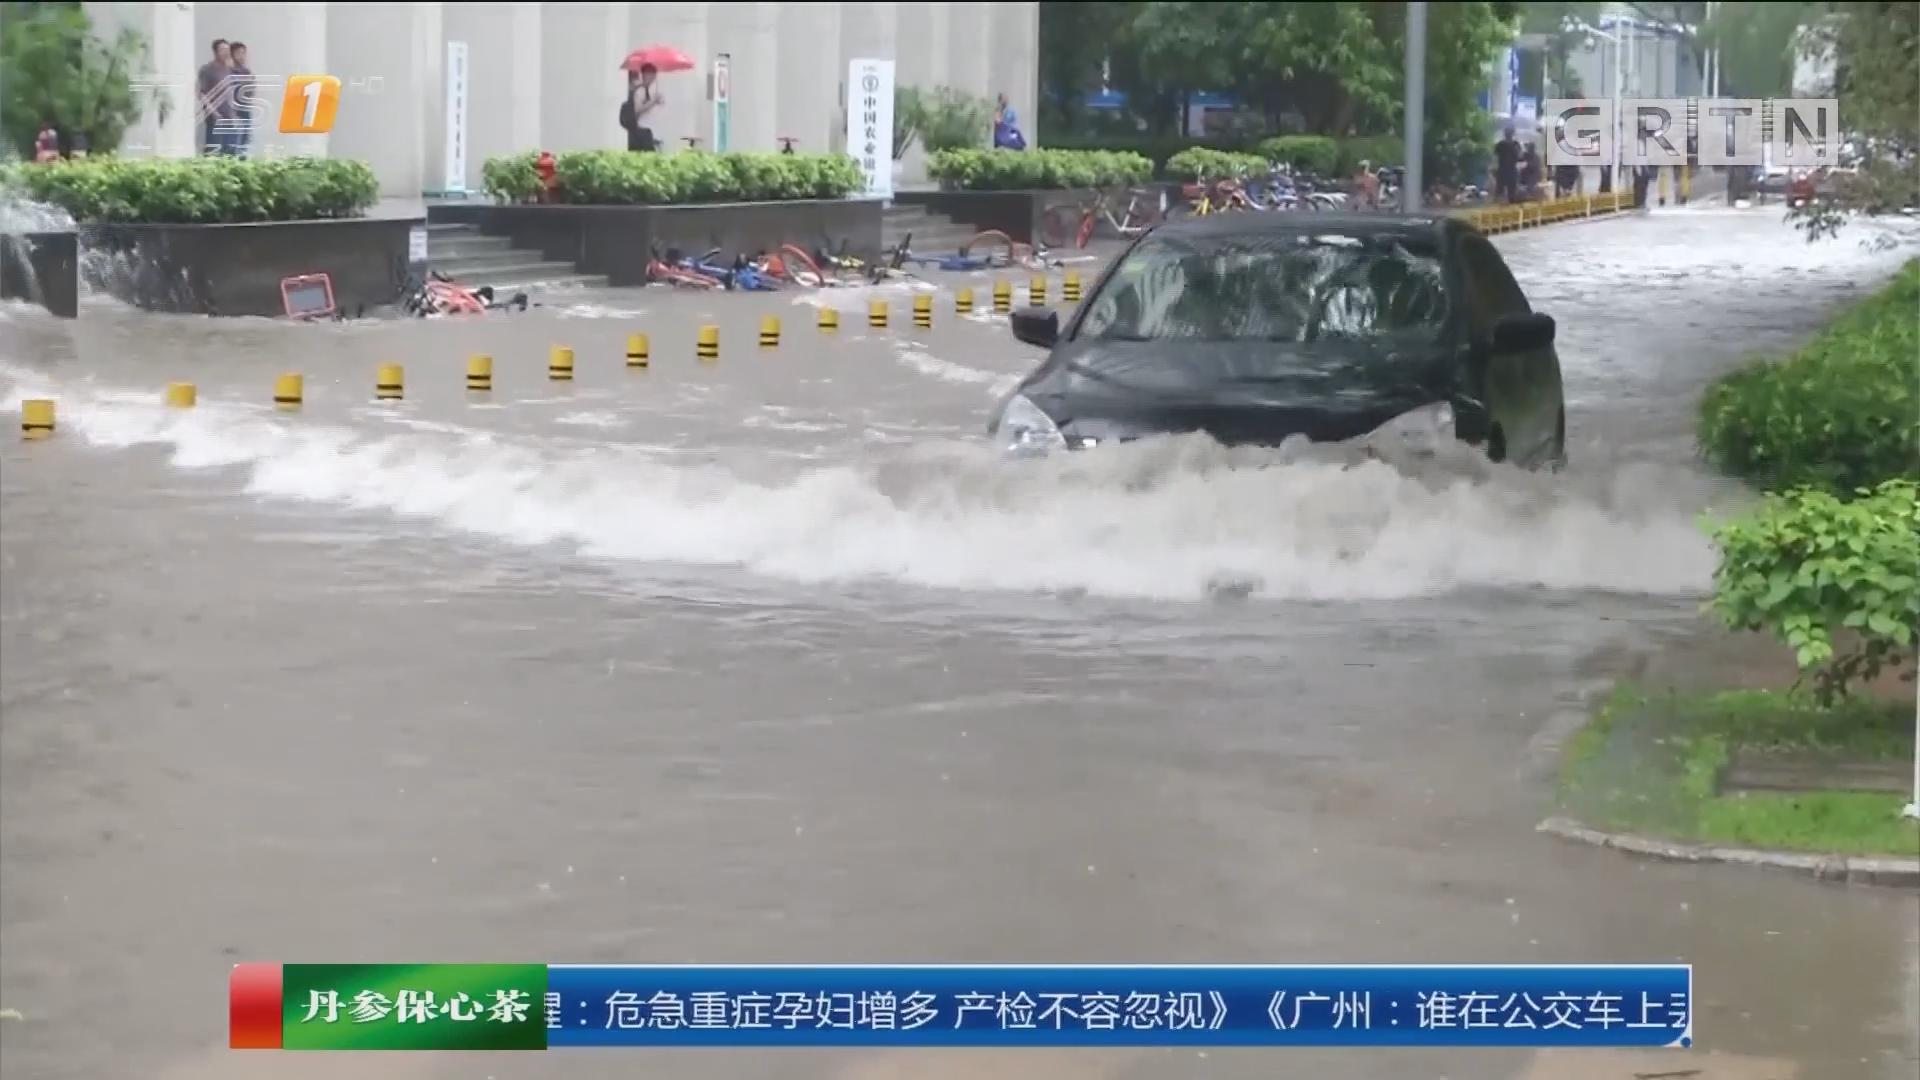 深圳:大雨来袭轿车熄火 众人水中推车